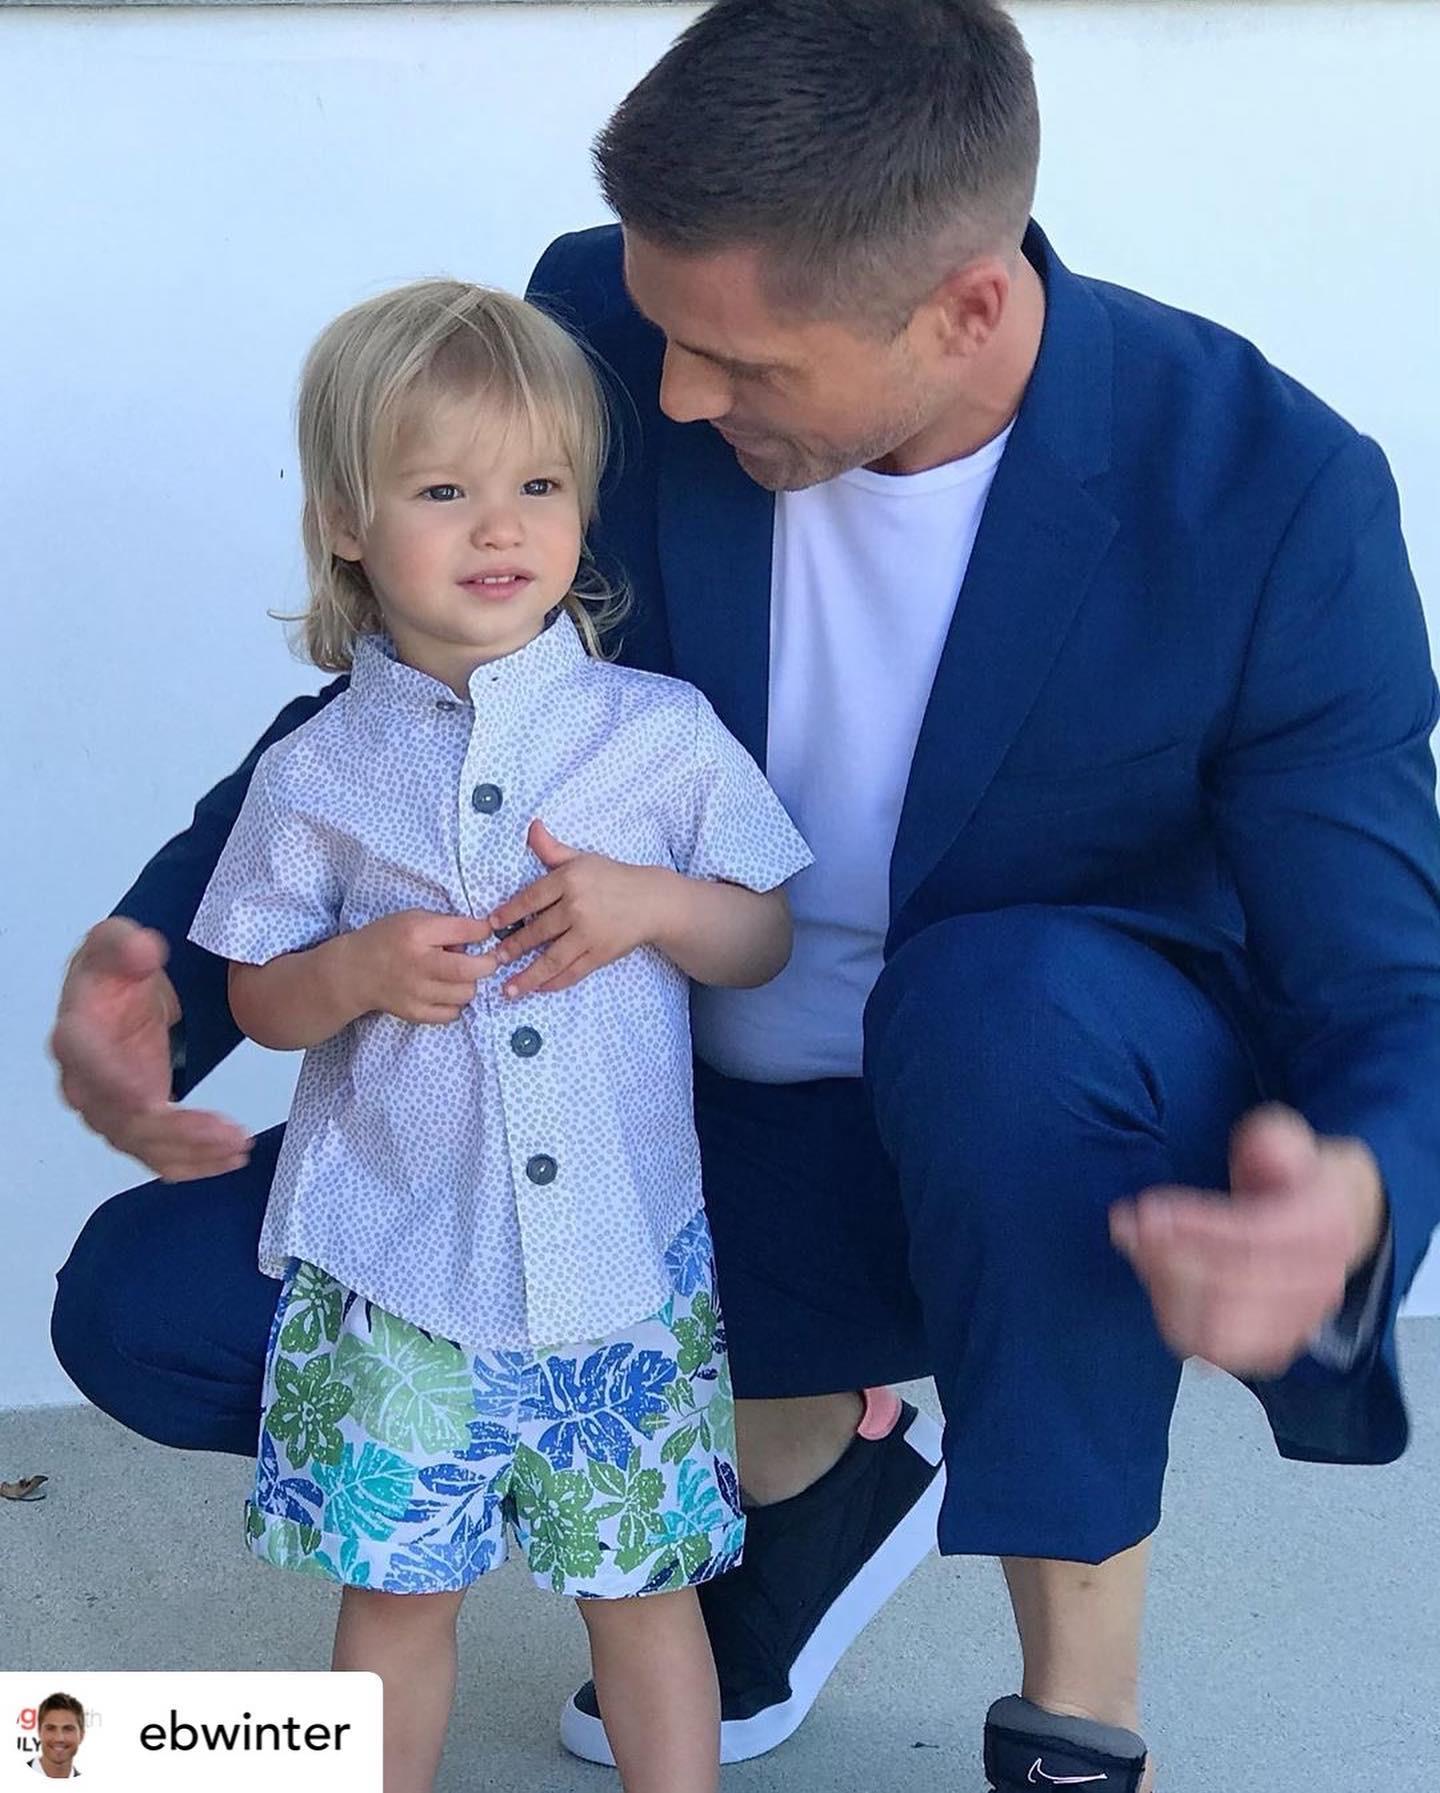 El actor Eric Winter junto a su hijo, Dylan. El pequeño es uno de los fieles clientes de la marca Sandía. (Suministrada)